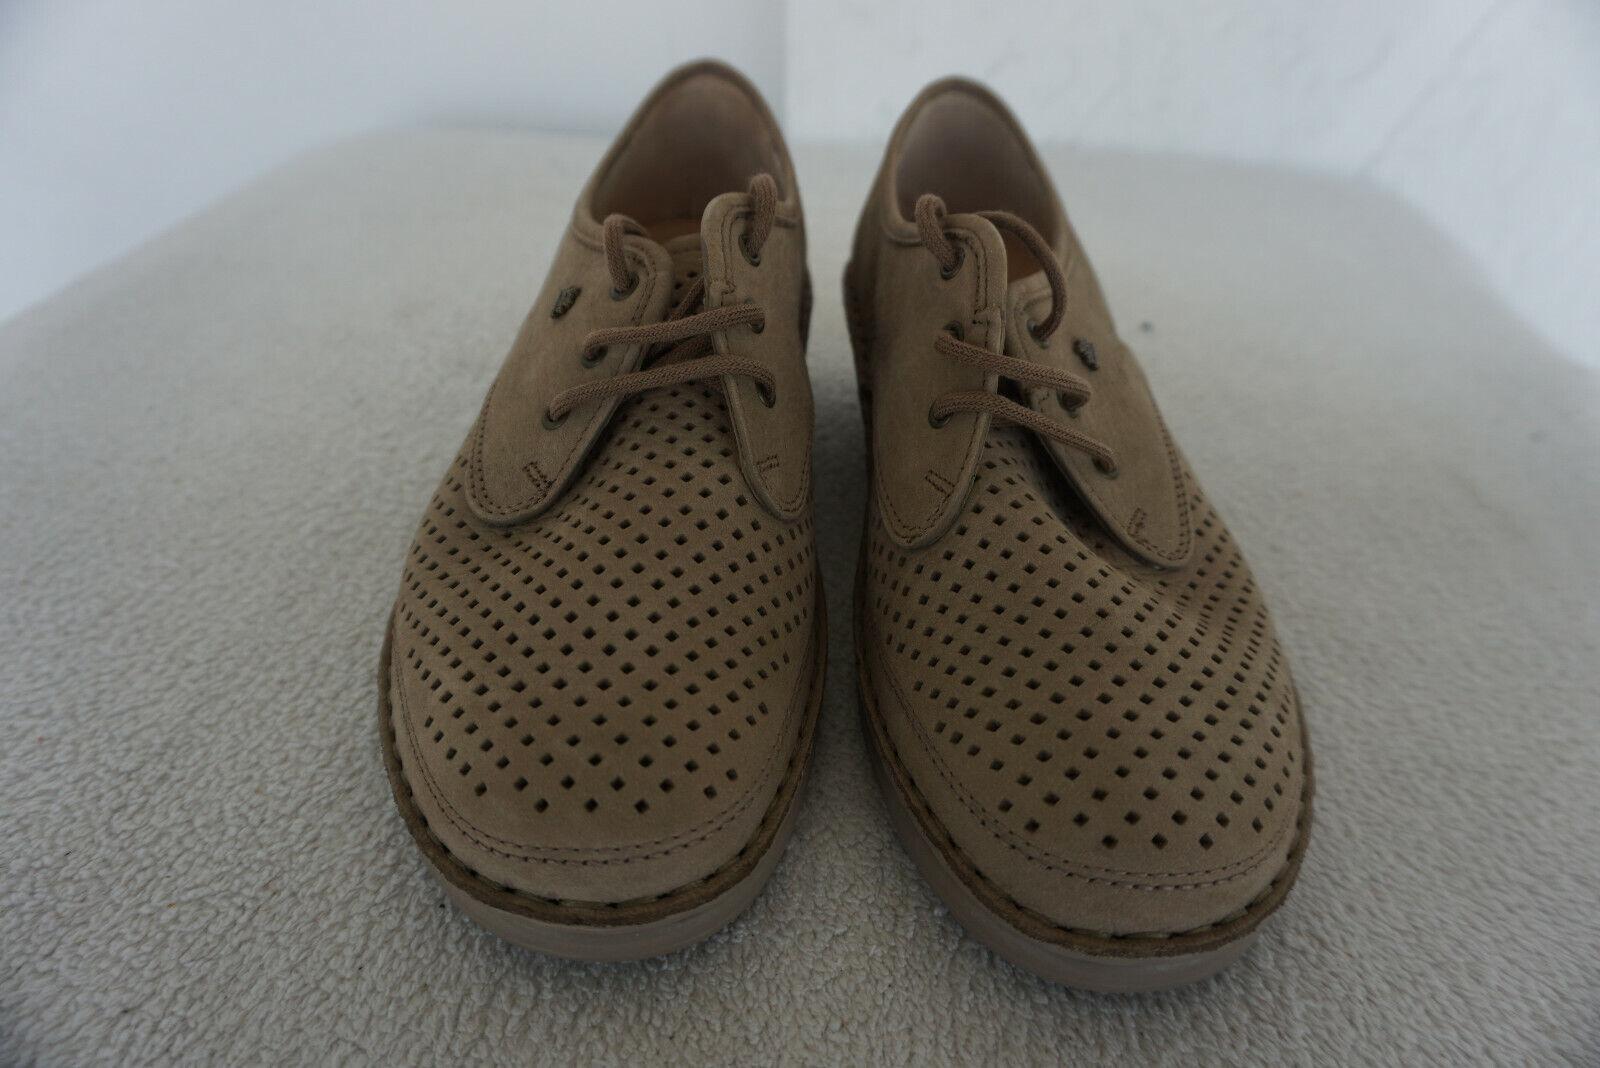 FINN COMFORT Palerme Chaussures Avec Dépôts Chaussure Lacée taille 5 38 marron cuir neuf